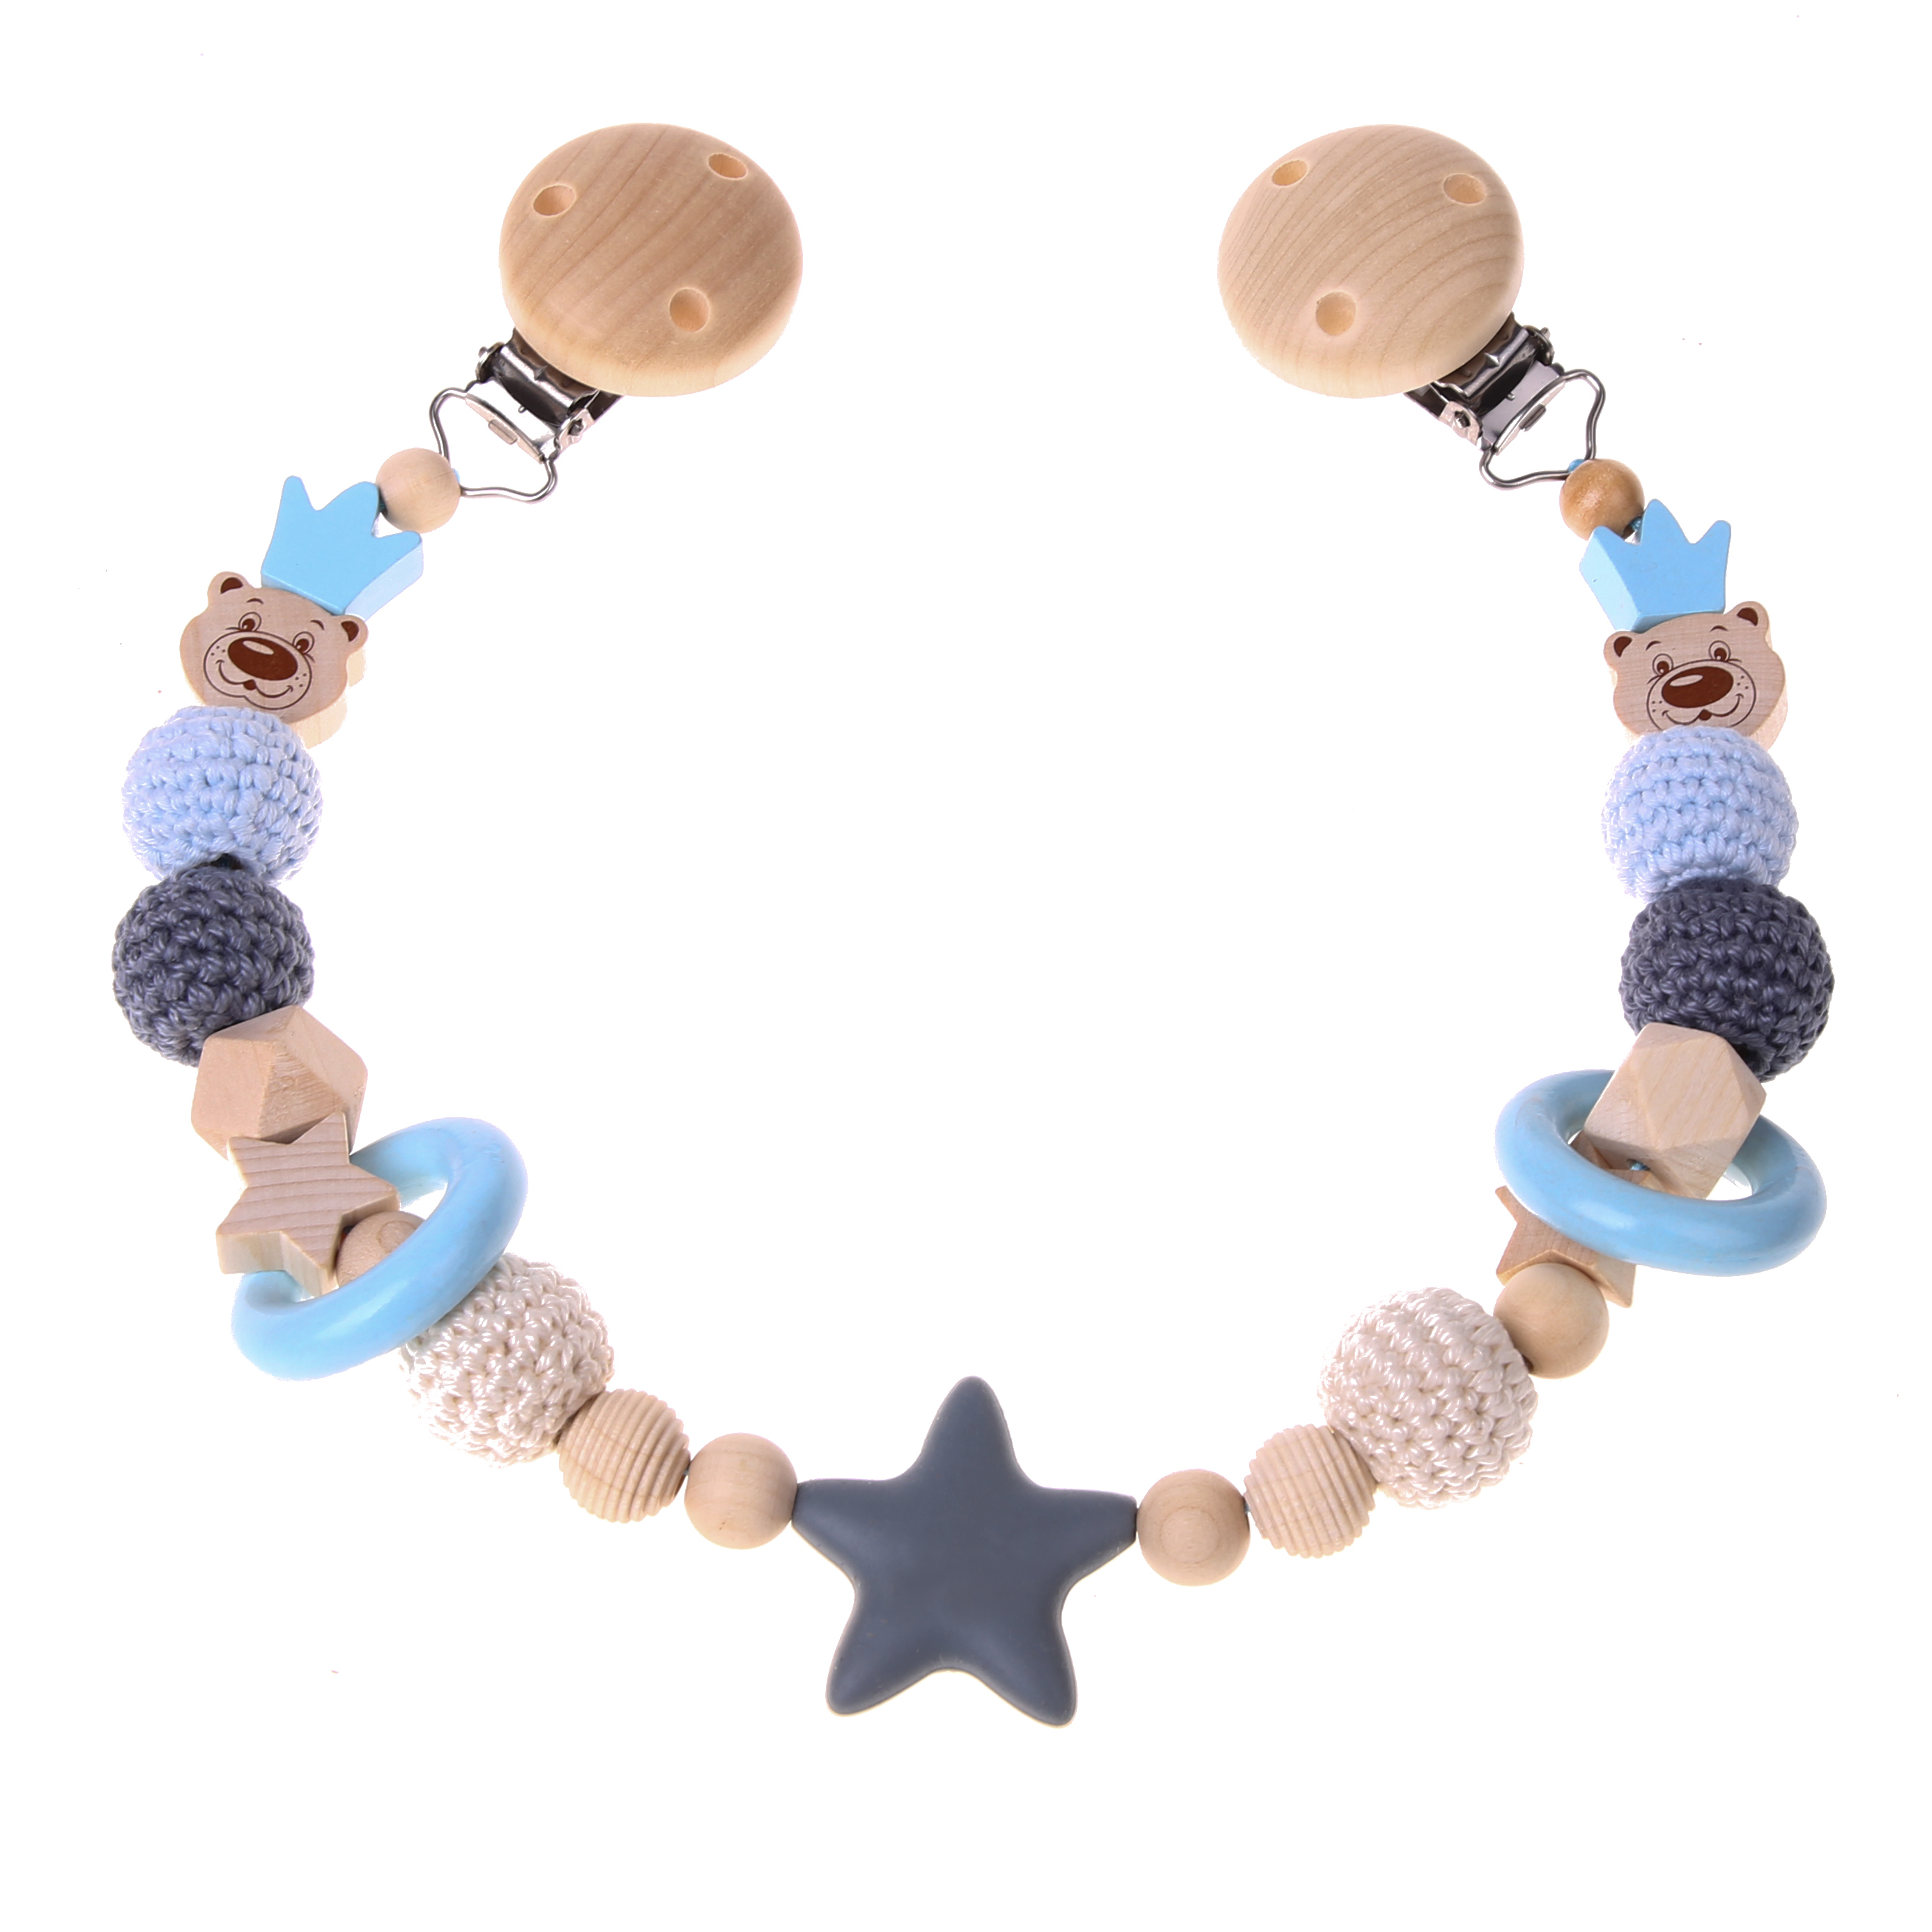 Kinderwagenkette Bastelset Bär mit Krone babyblau